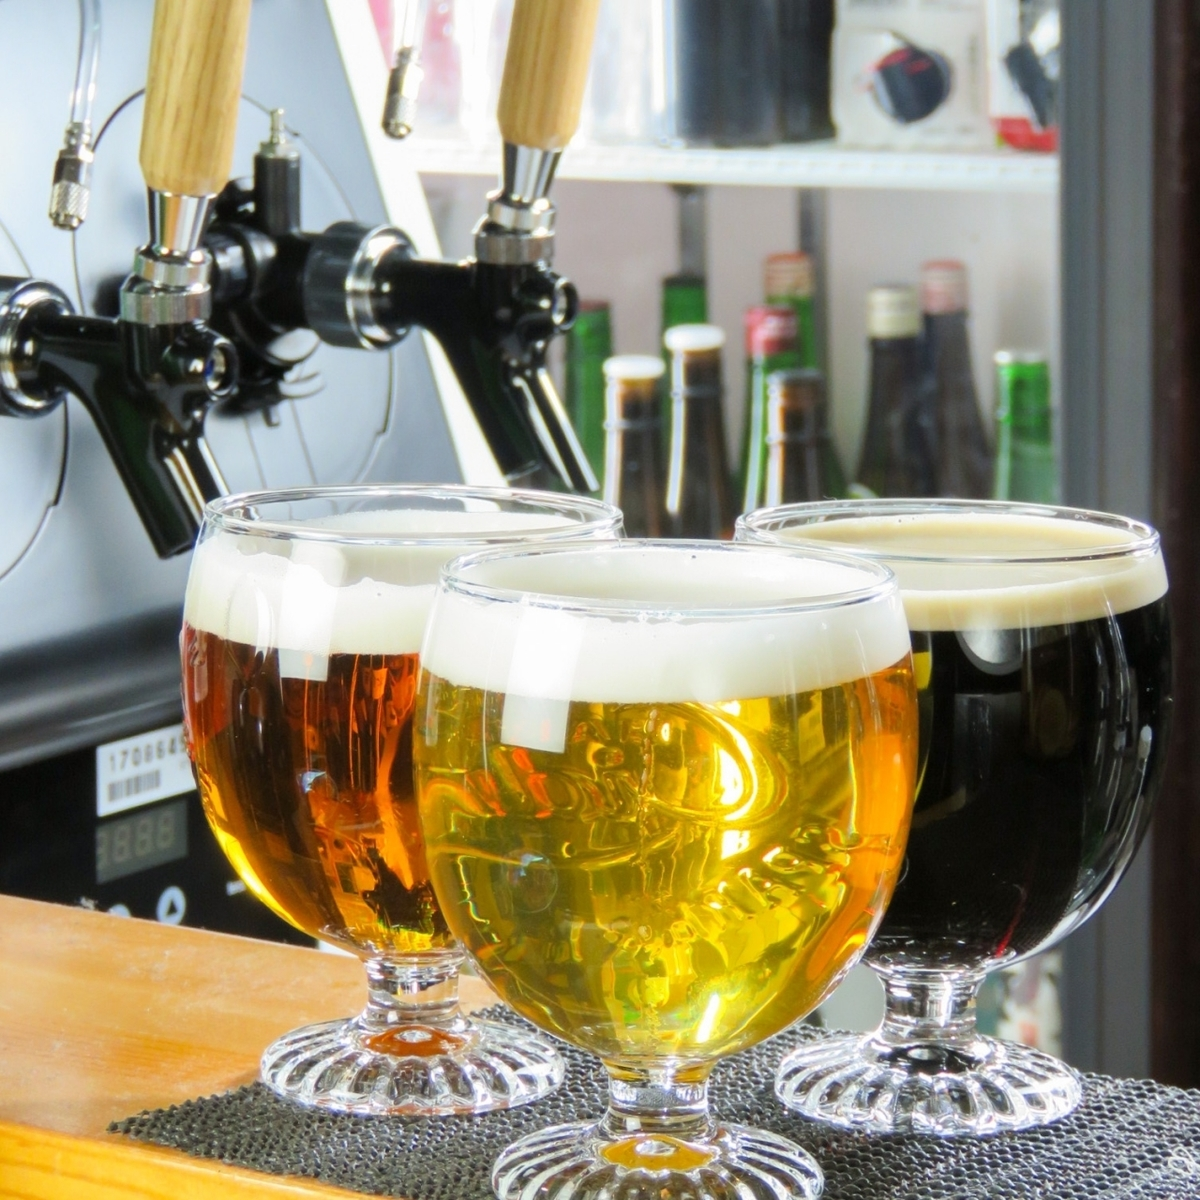 話題の生クラフトビール